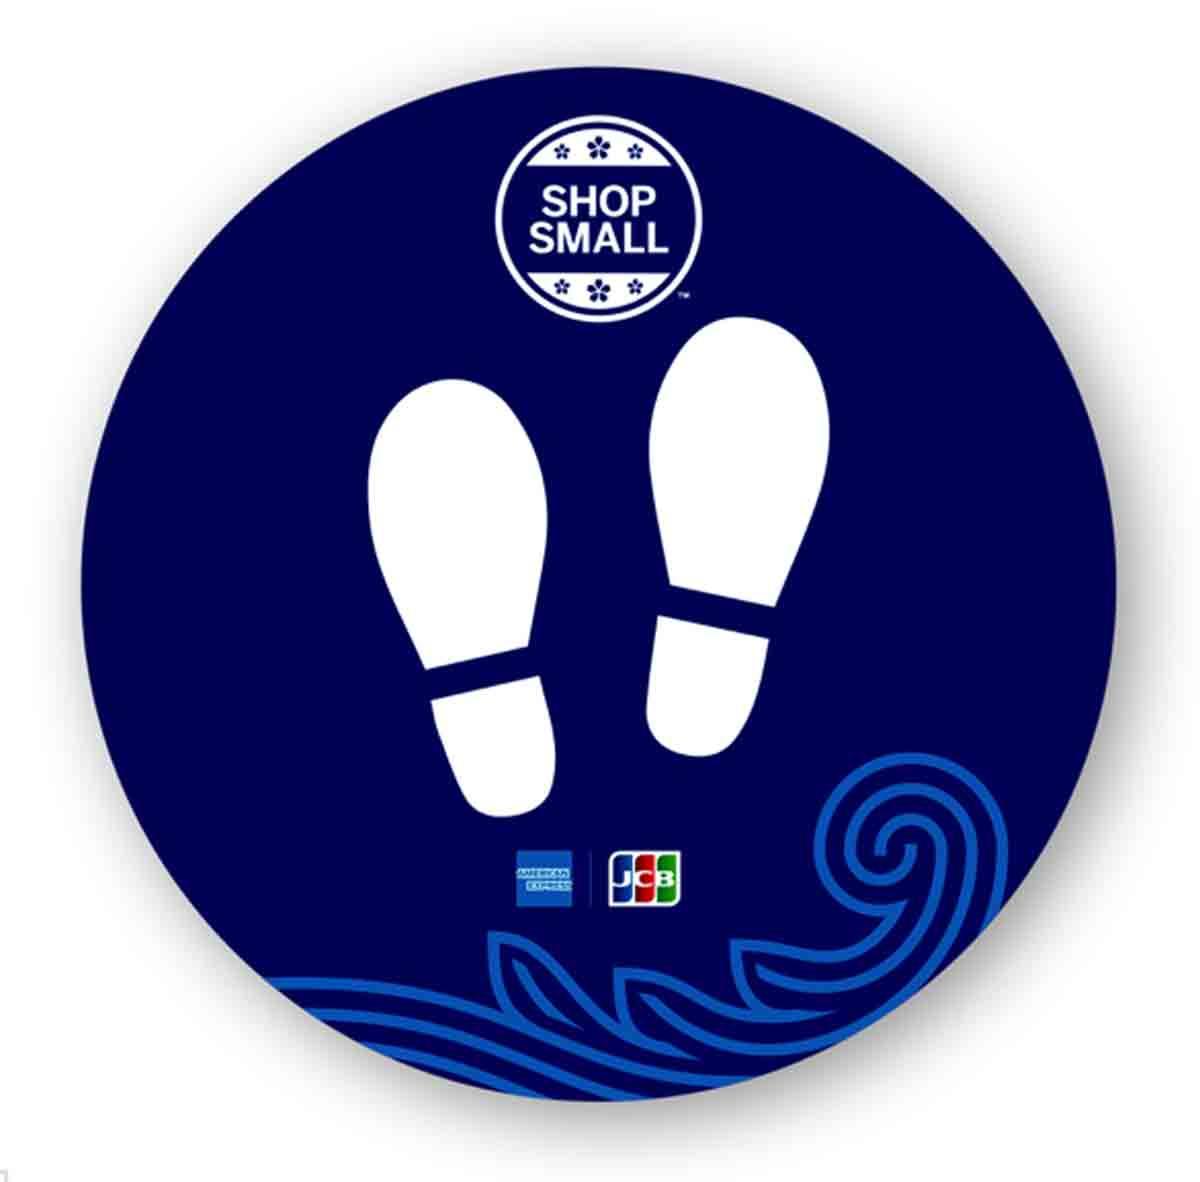 アメックス Shop Small(ショップスモール)ビジネス応援ツールを無料で提供